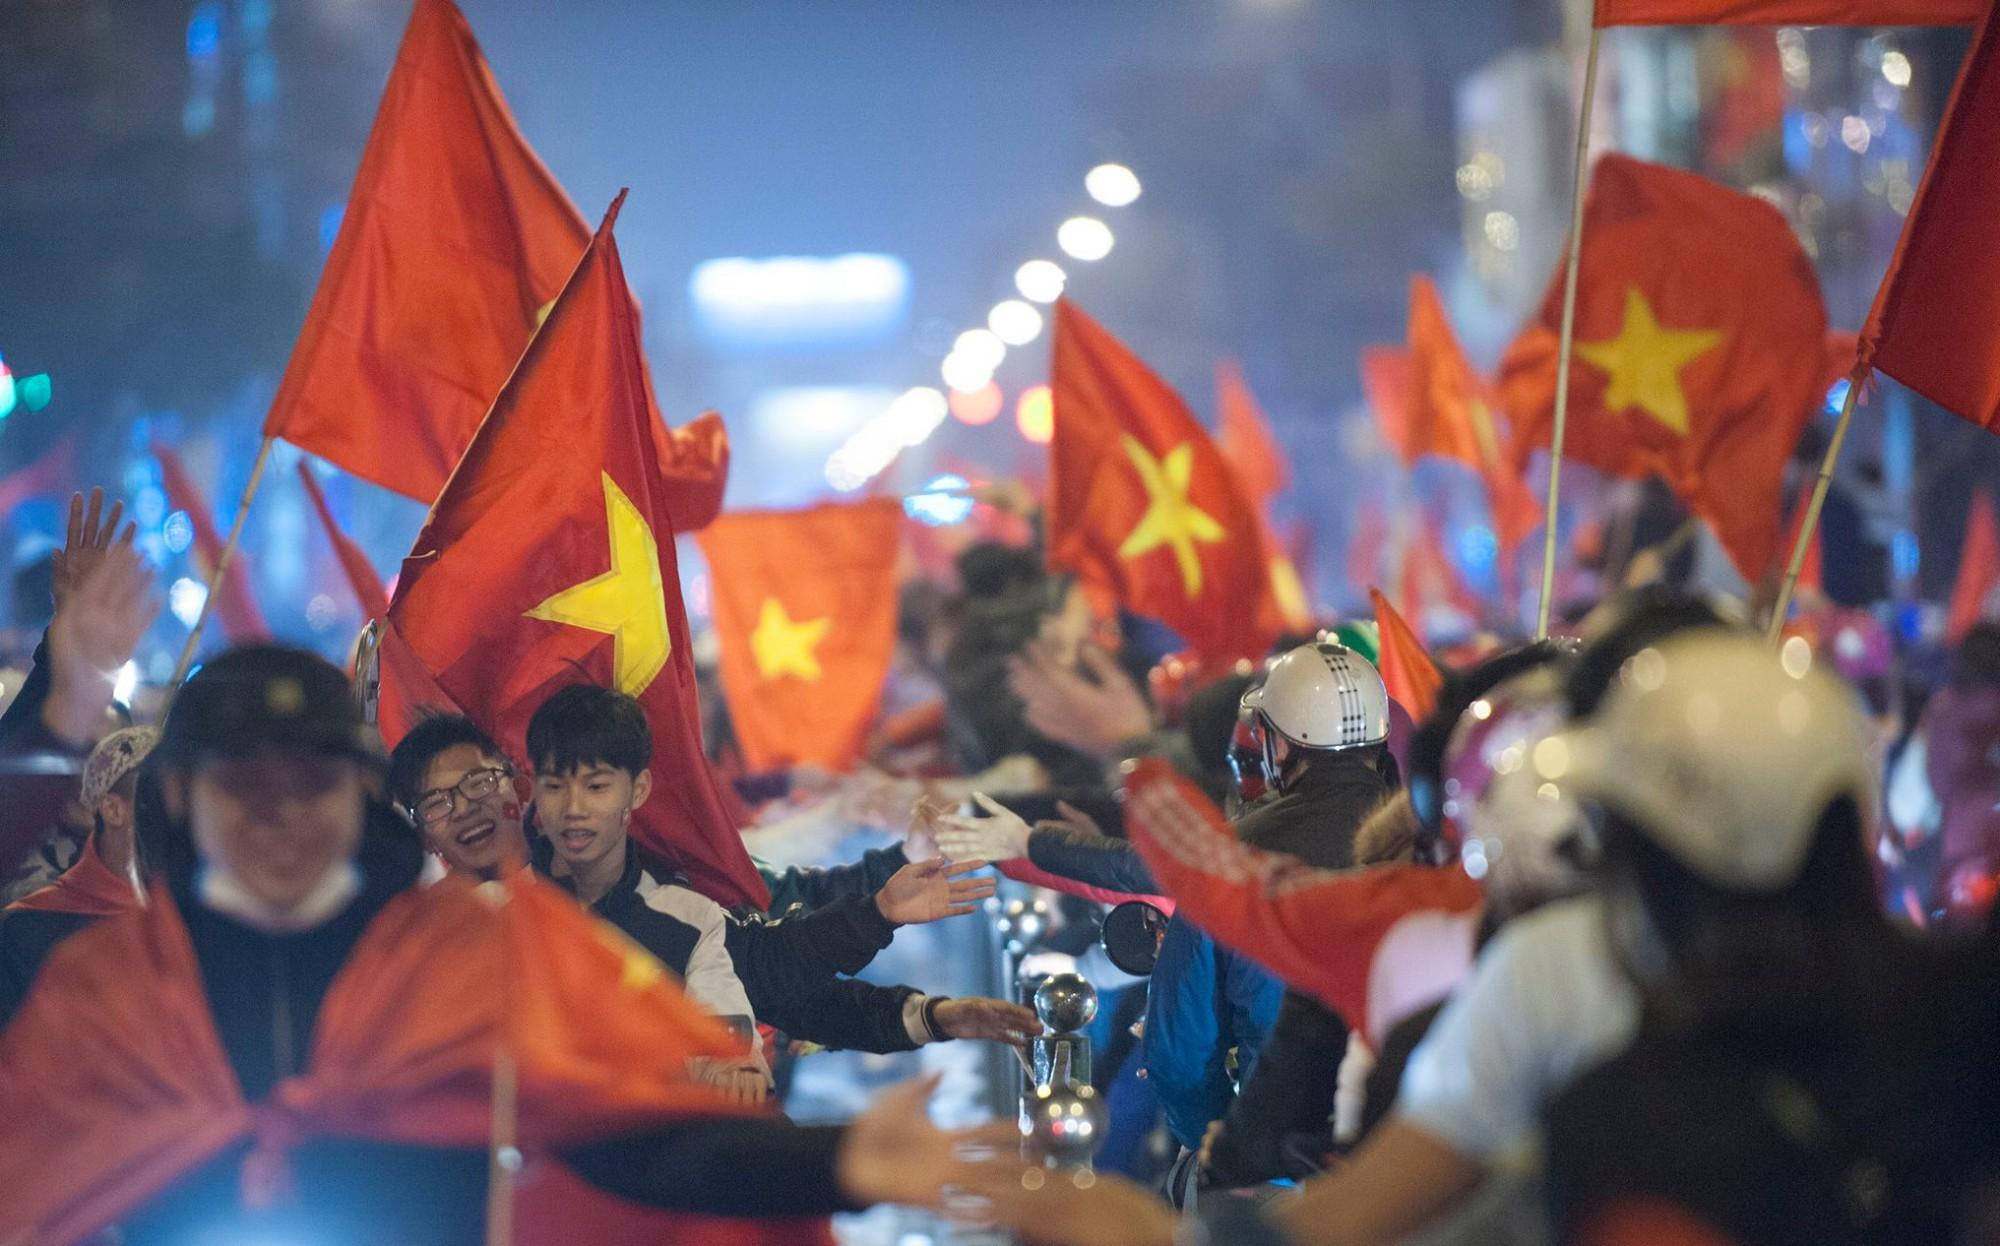 Ảnh: Chỉ cái chạm tay thôi đã đủ thấy tinh thần dân tộc và tình yêu bóng đá của hàng triệu người hâm mộ Việt Nam rồi!